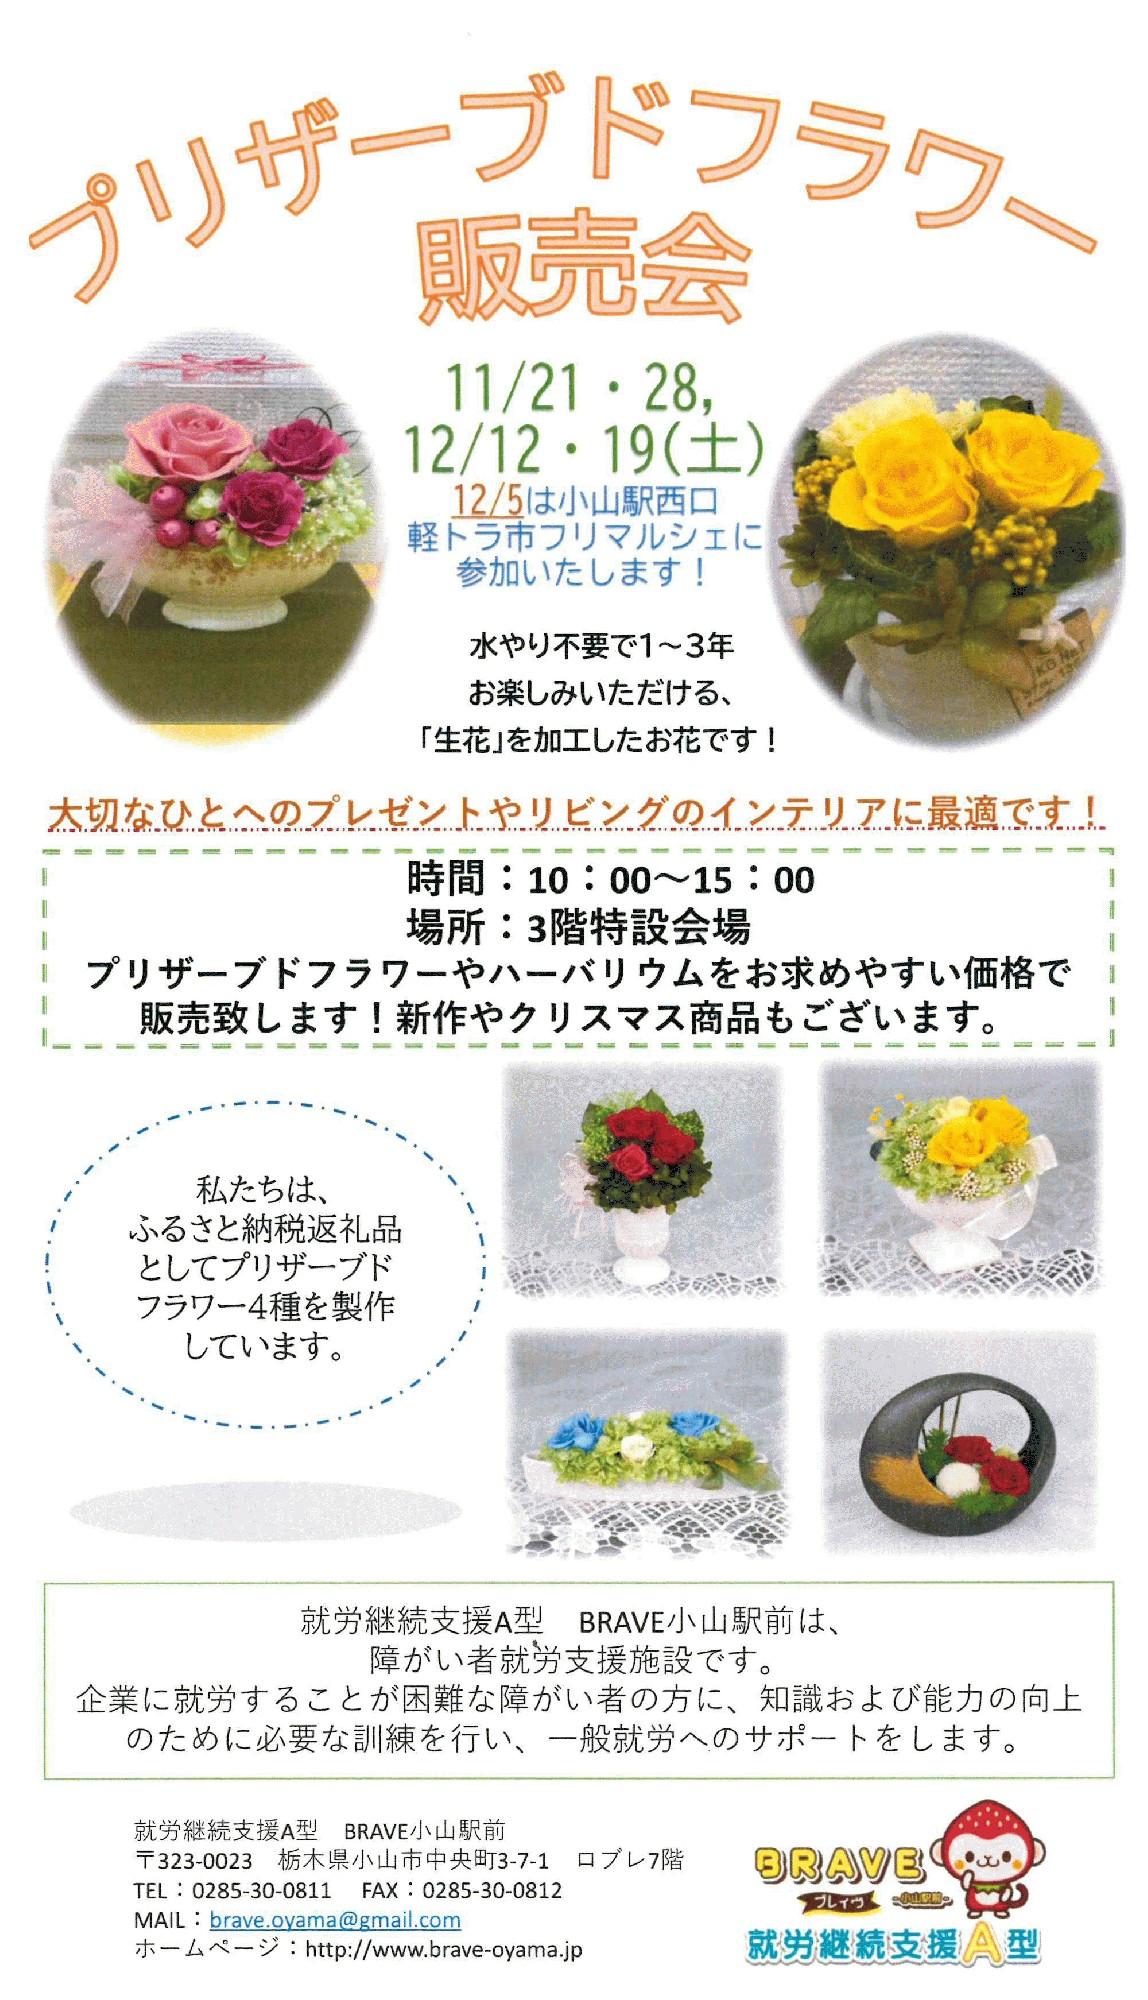 7F BRAVE 『プリザーブドフラワー販売会』 開催!!